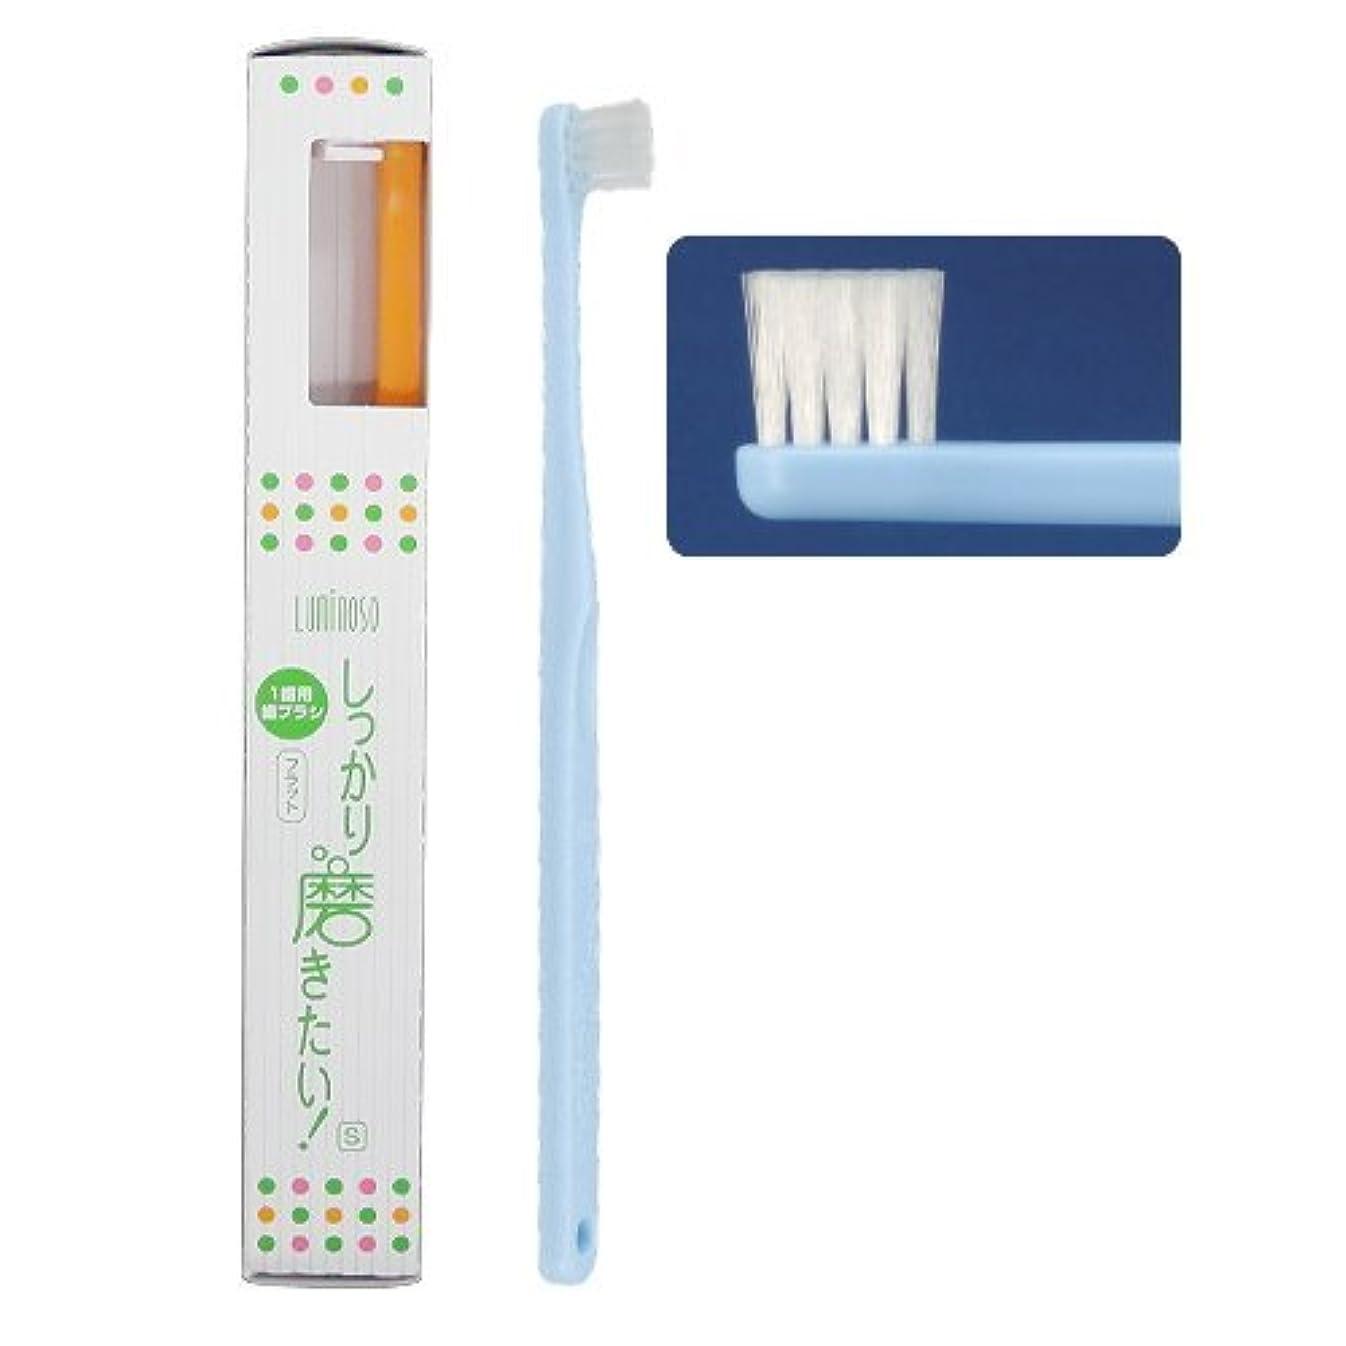 封筒経験的壁紙ルミノソ 1歯用歯ブラシ 「しっかり磨きたい!」 フラット ソフト (カラー指定不可) 5本